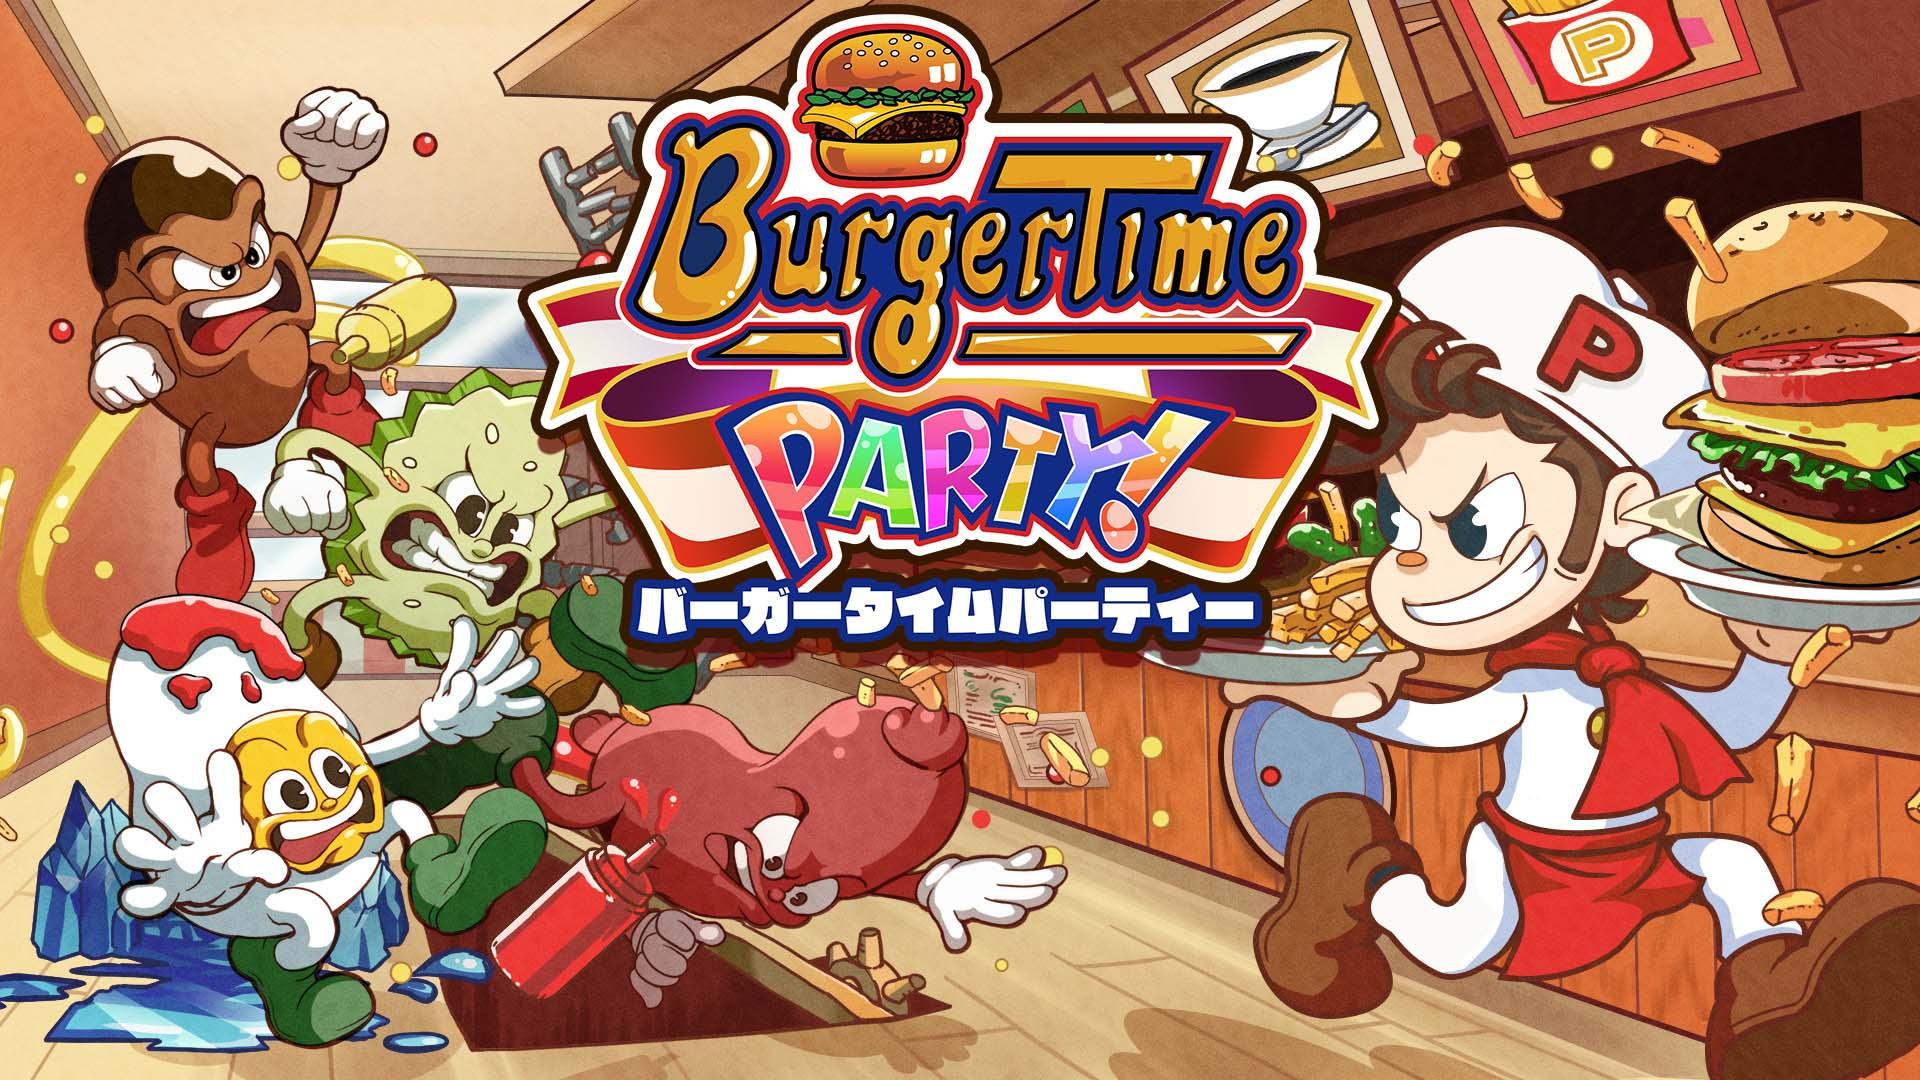 『バーガータイムパーティー』シリーズ完全新作の新情報が公開!